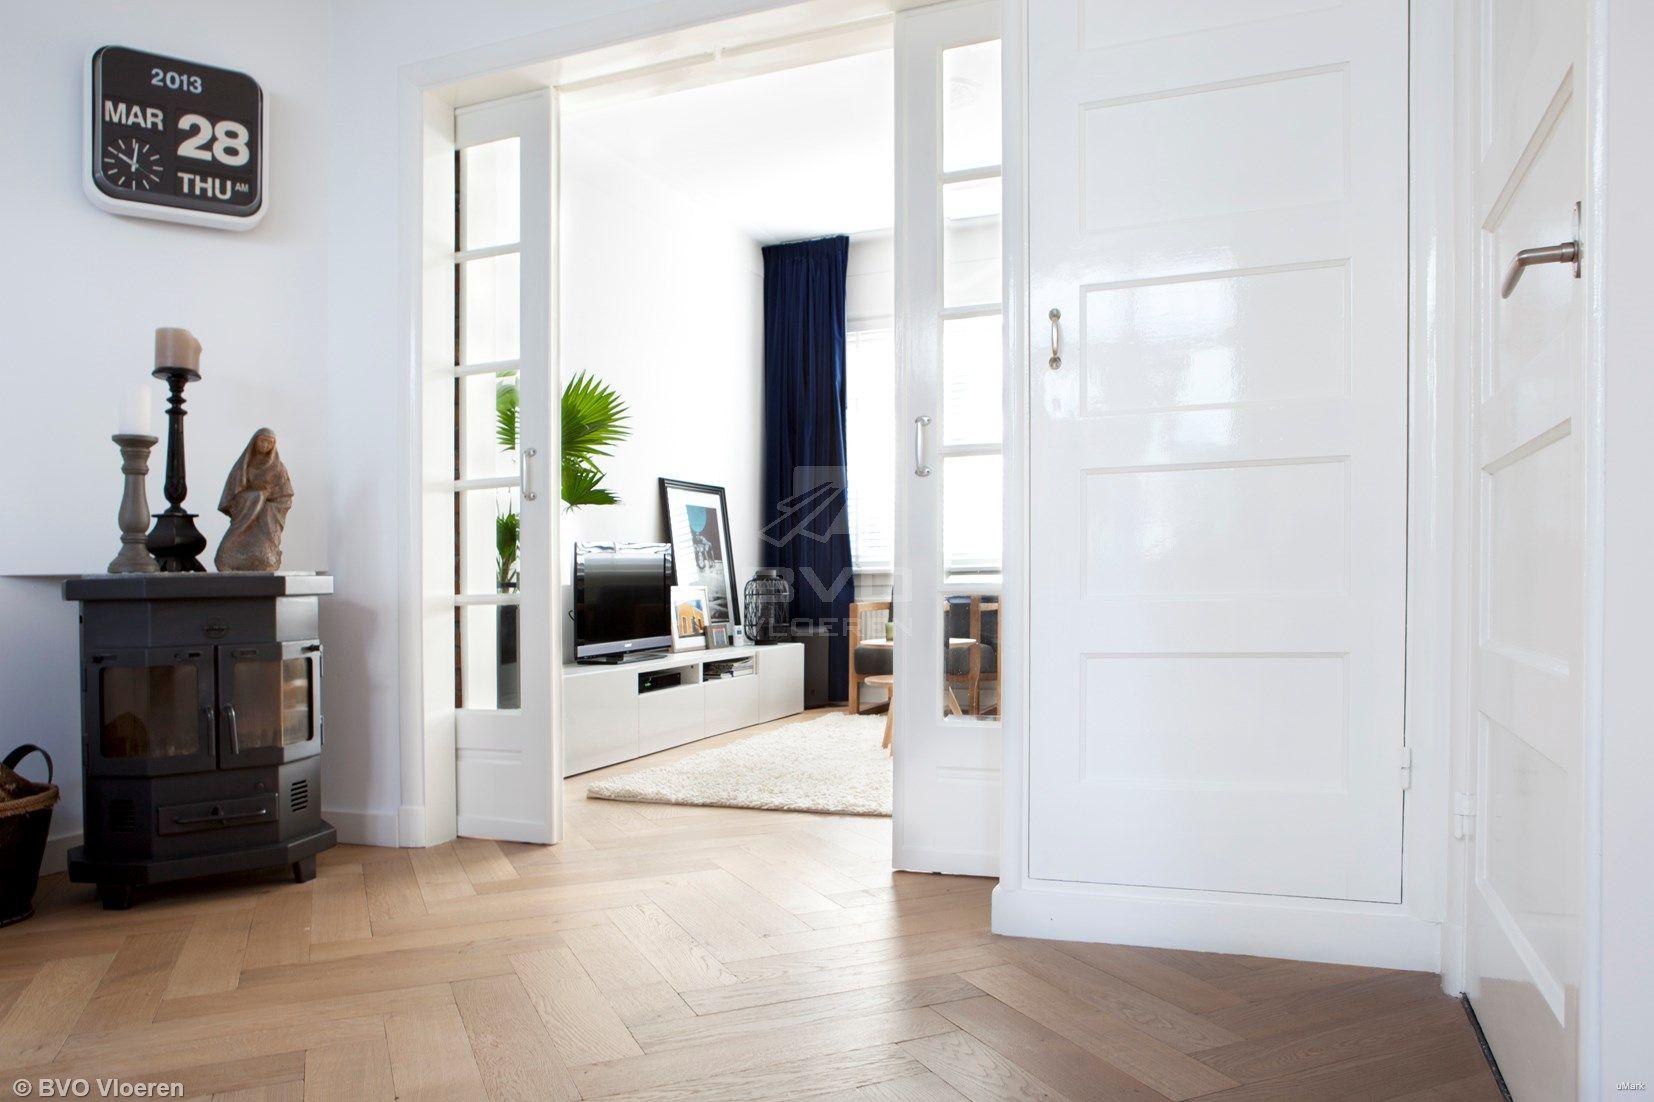 Frans eiken visgraat vloer kamer ensuite formaat 12 x 60 cm verouderd parket gerookt - Kamer parket ...